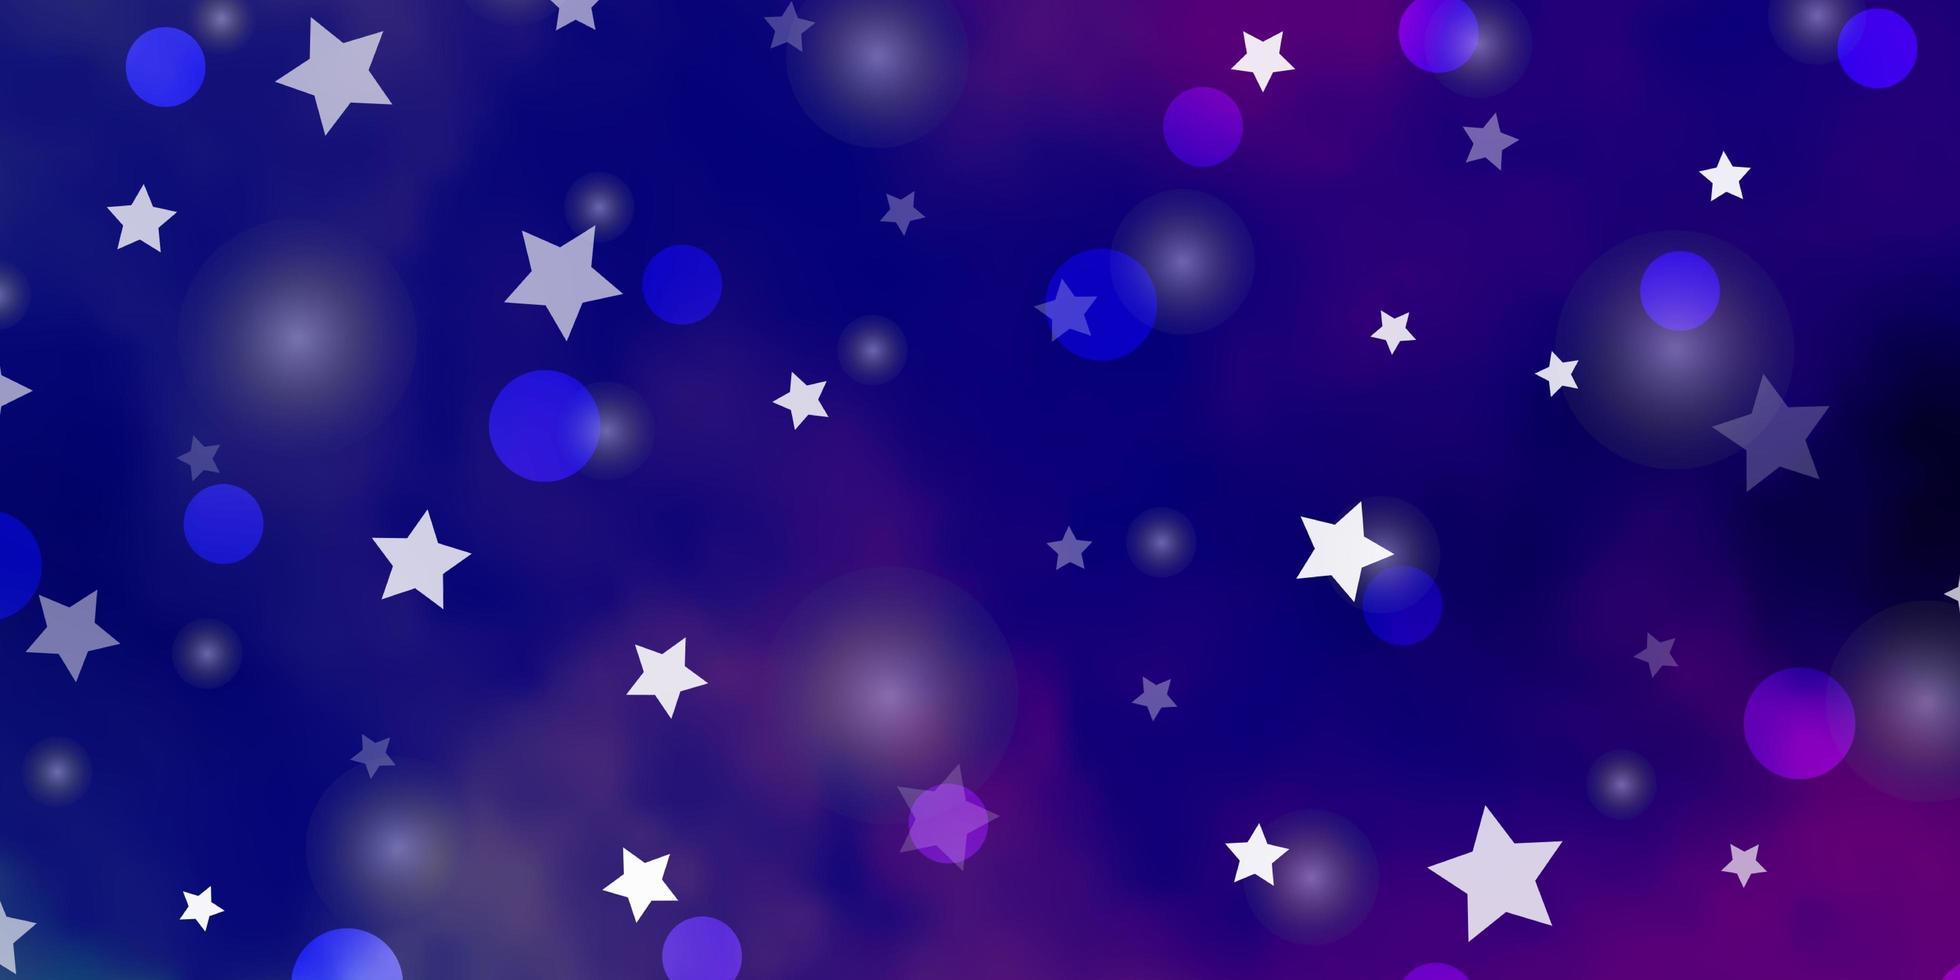 pano de fundo roxo e rosa com círculos e estrelas. vetor